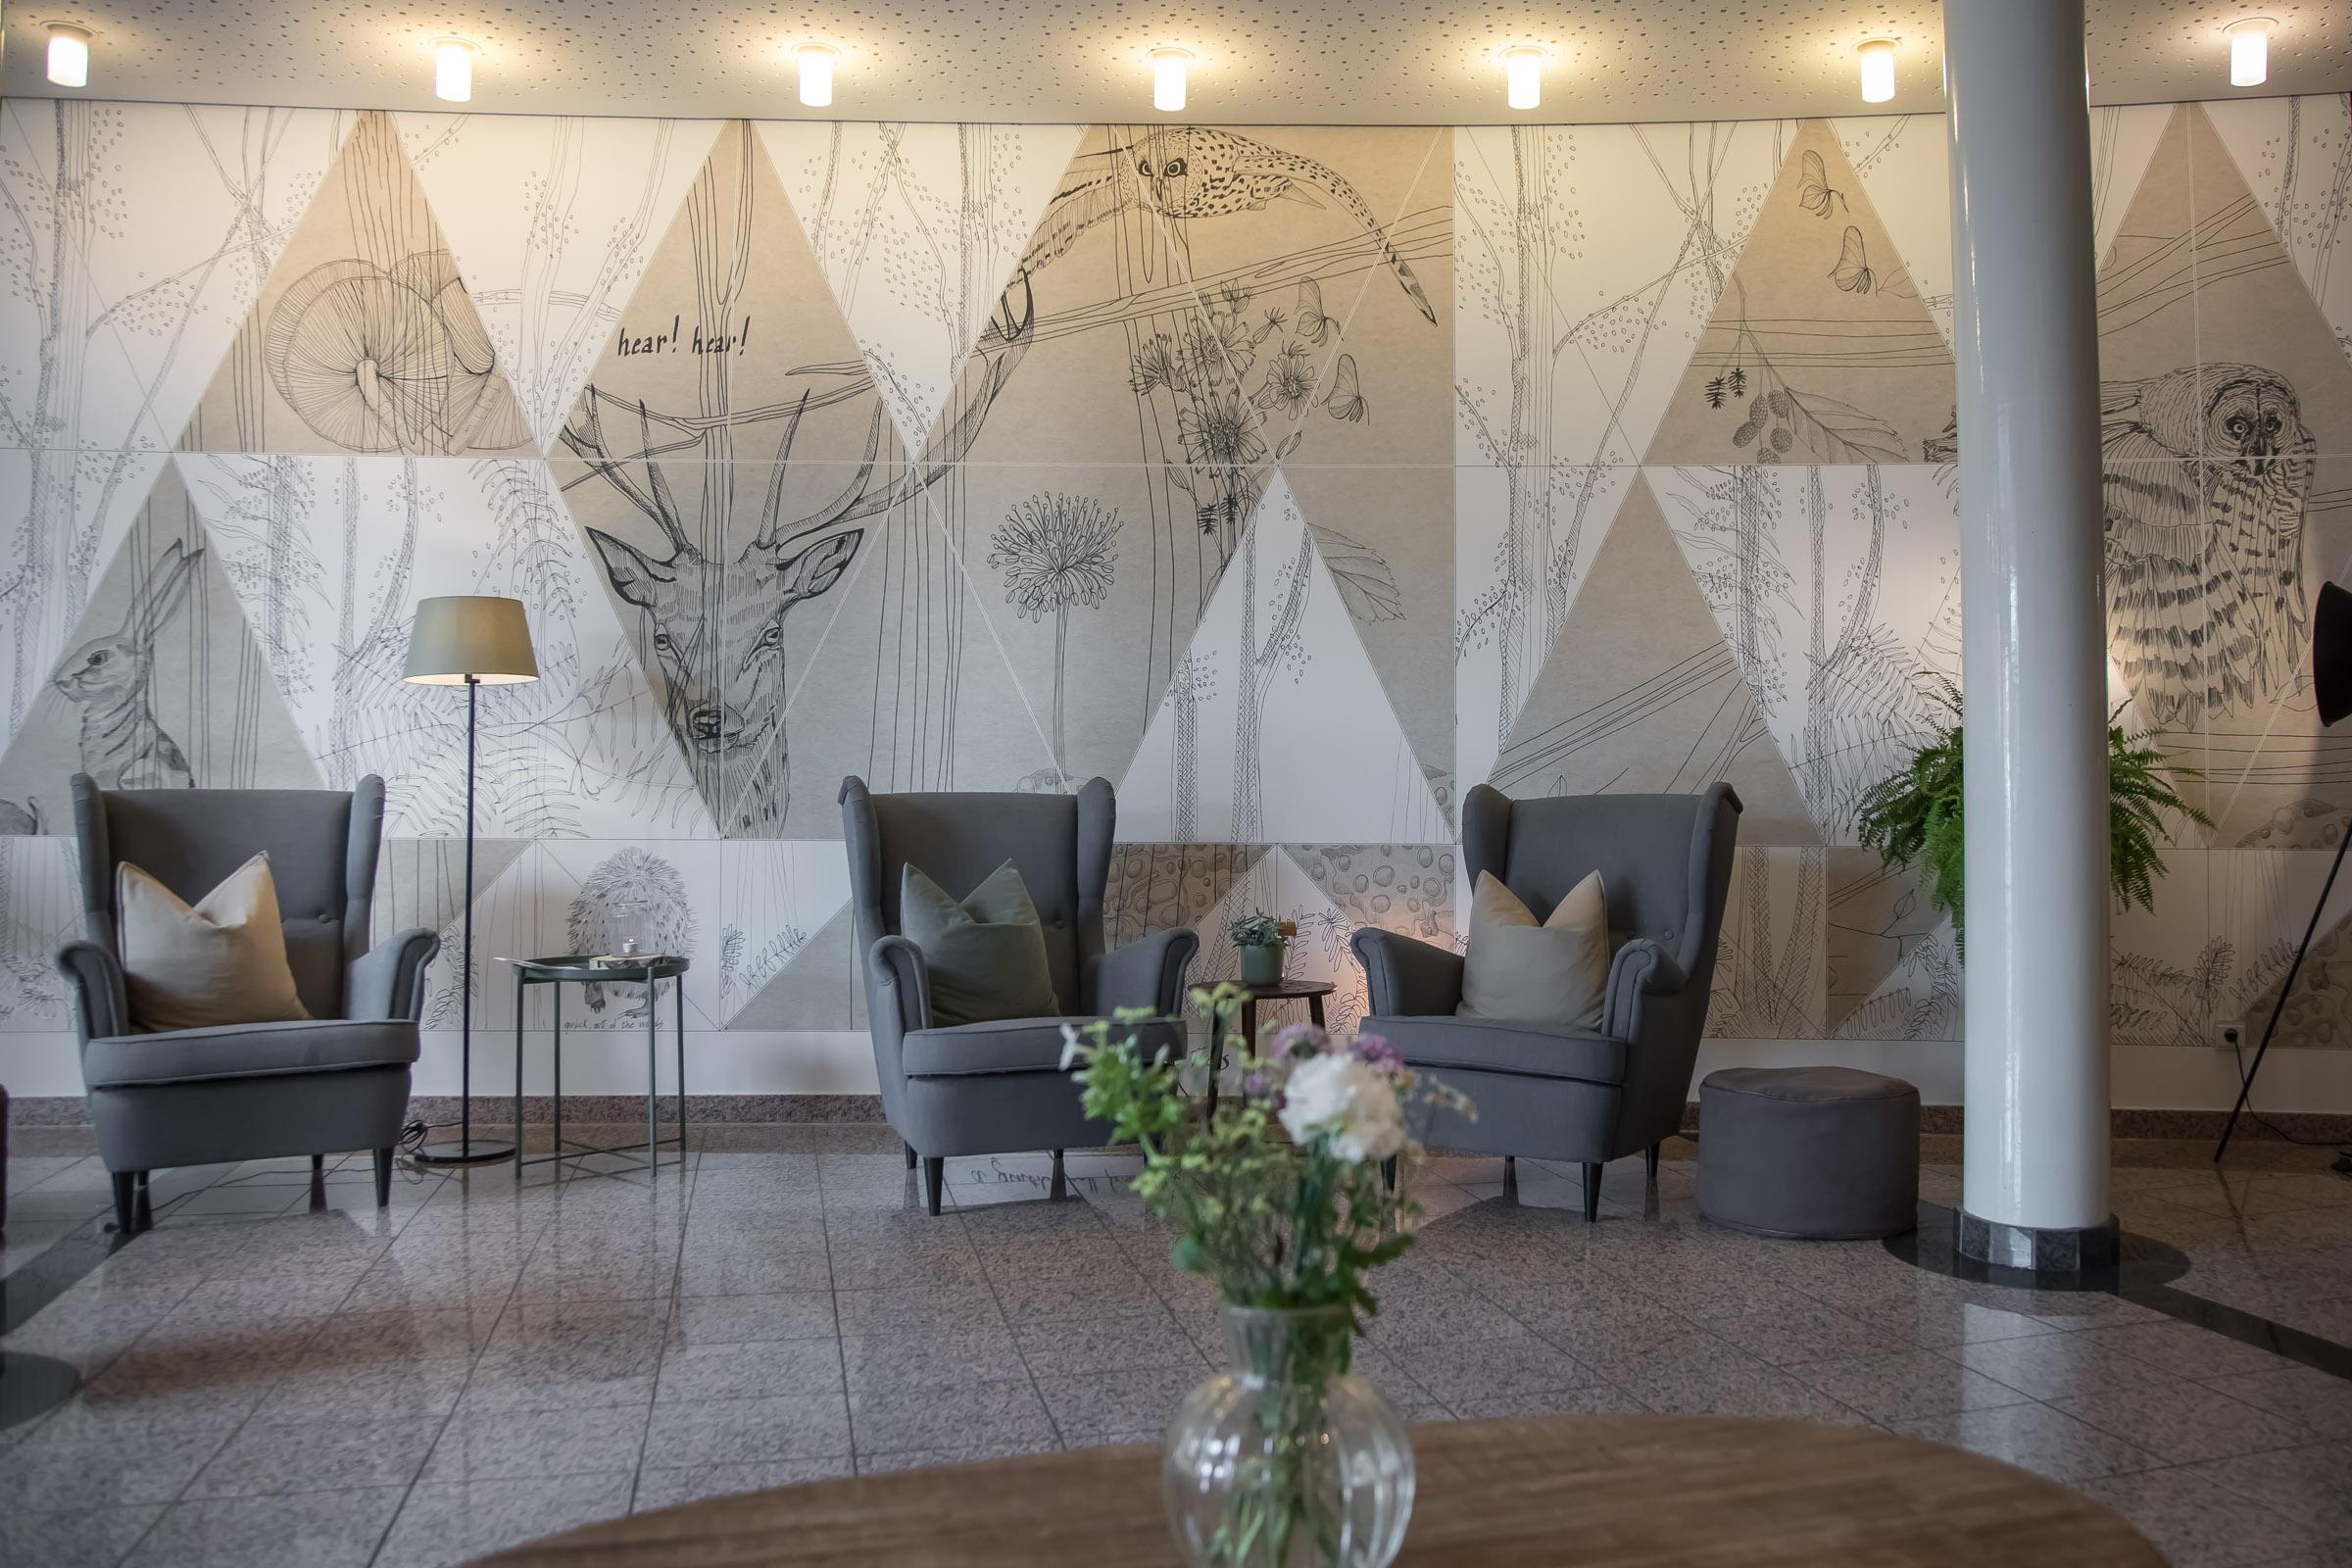 hotel nickisch in sch ttorf holidaycheck niedersachsen deutschland. Black Bedroom Furniture Sets. Home Design Ideas